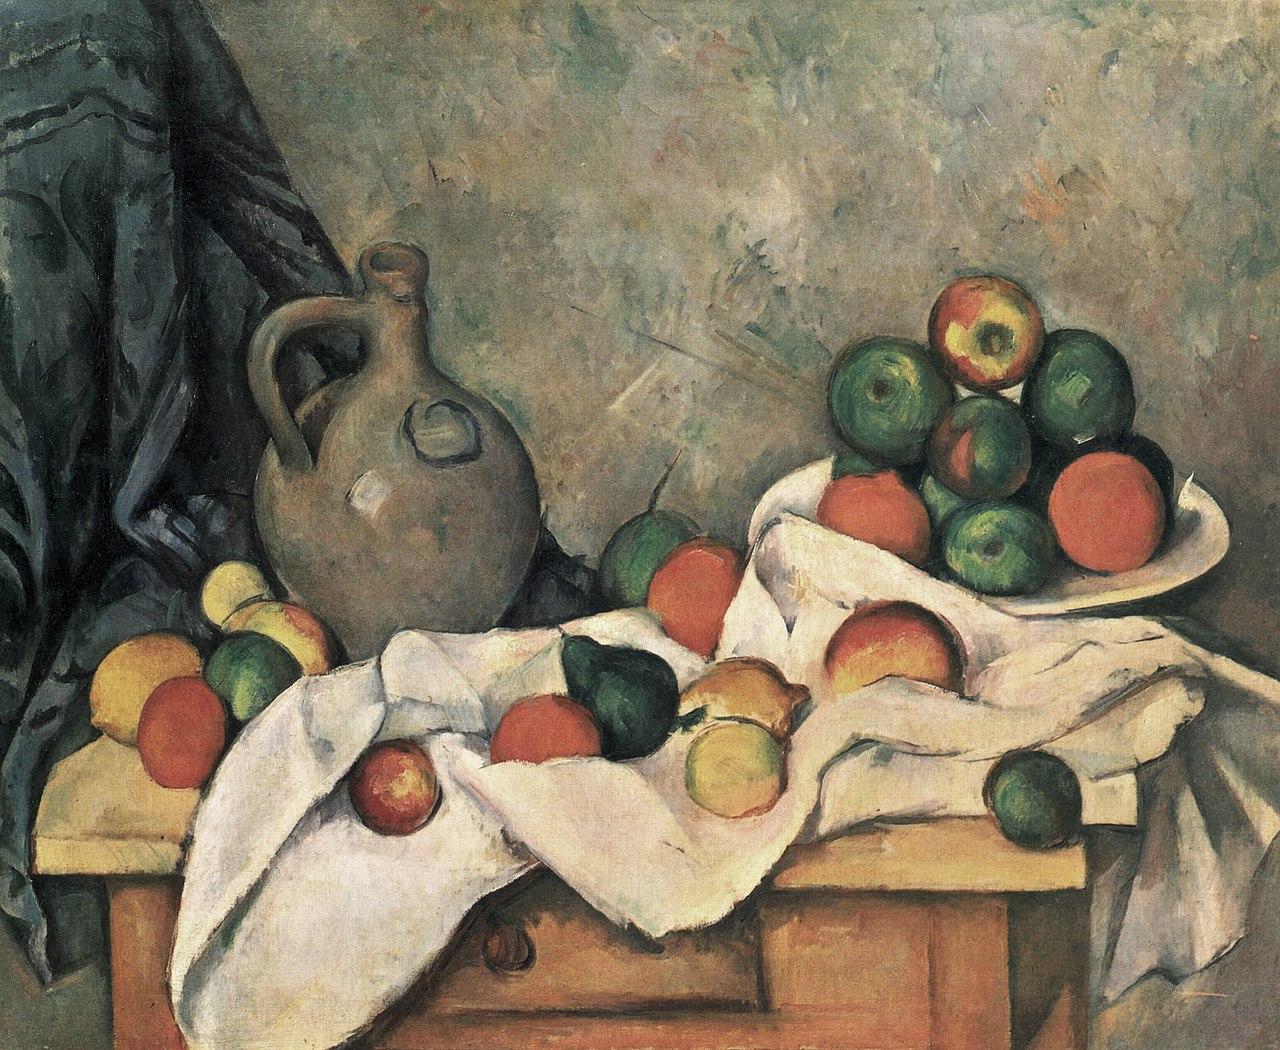 Stilleben, Draperie, Krug und Obstschale 1893-1894, Paul Cézanne